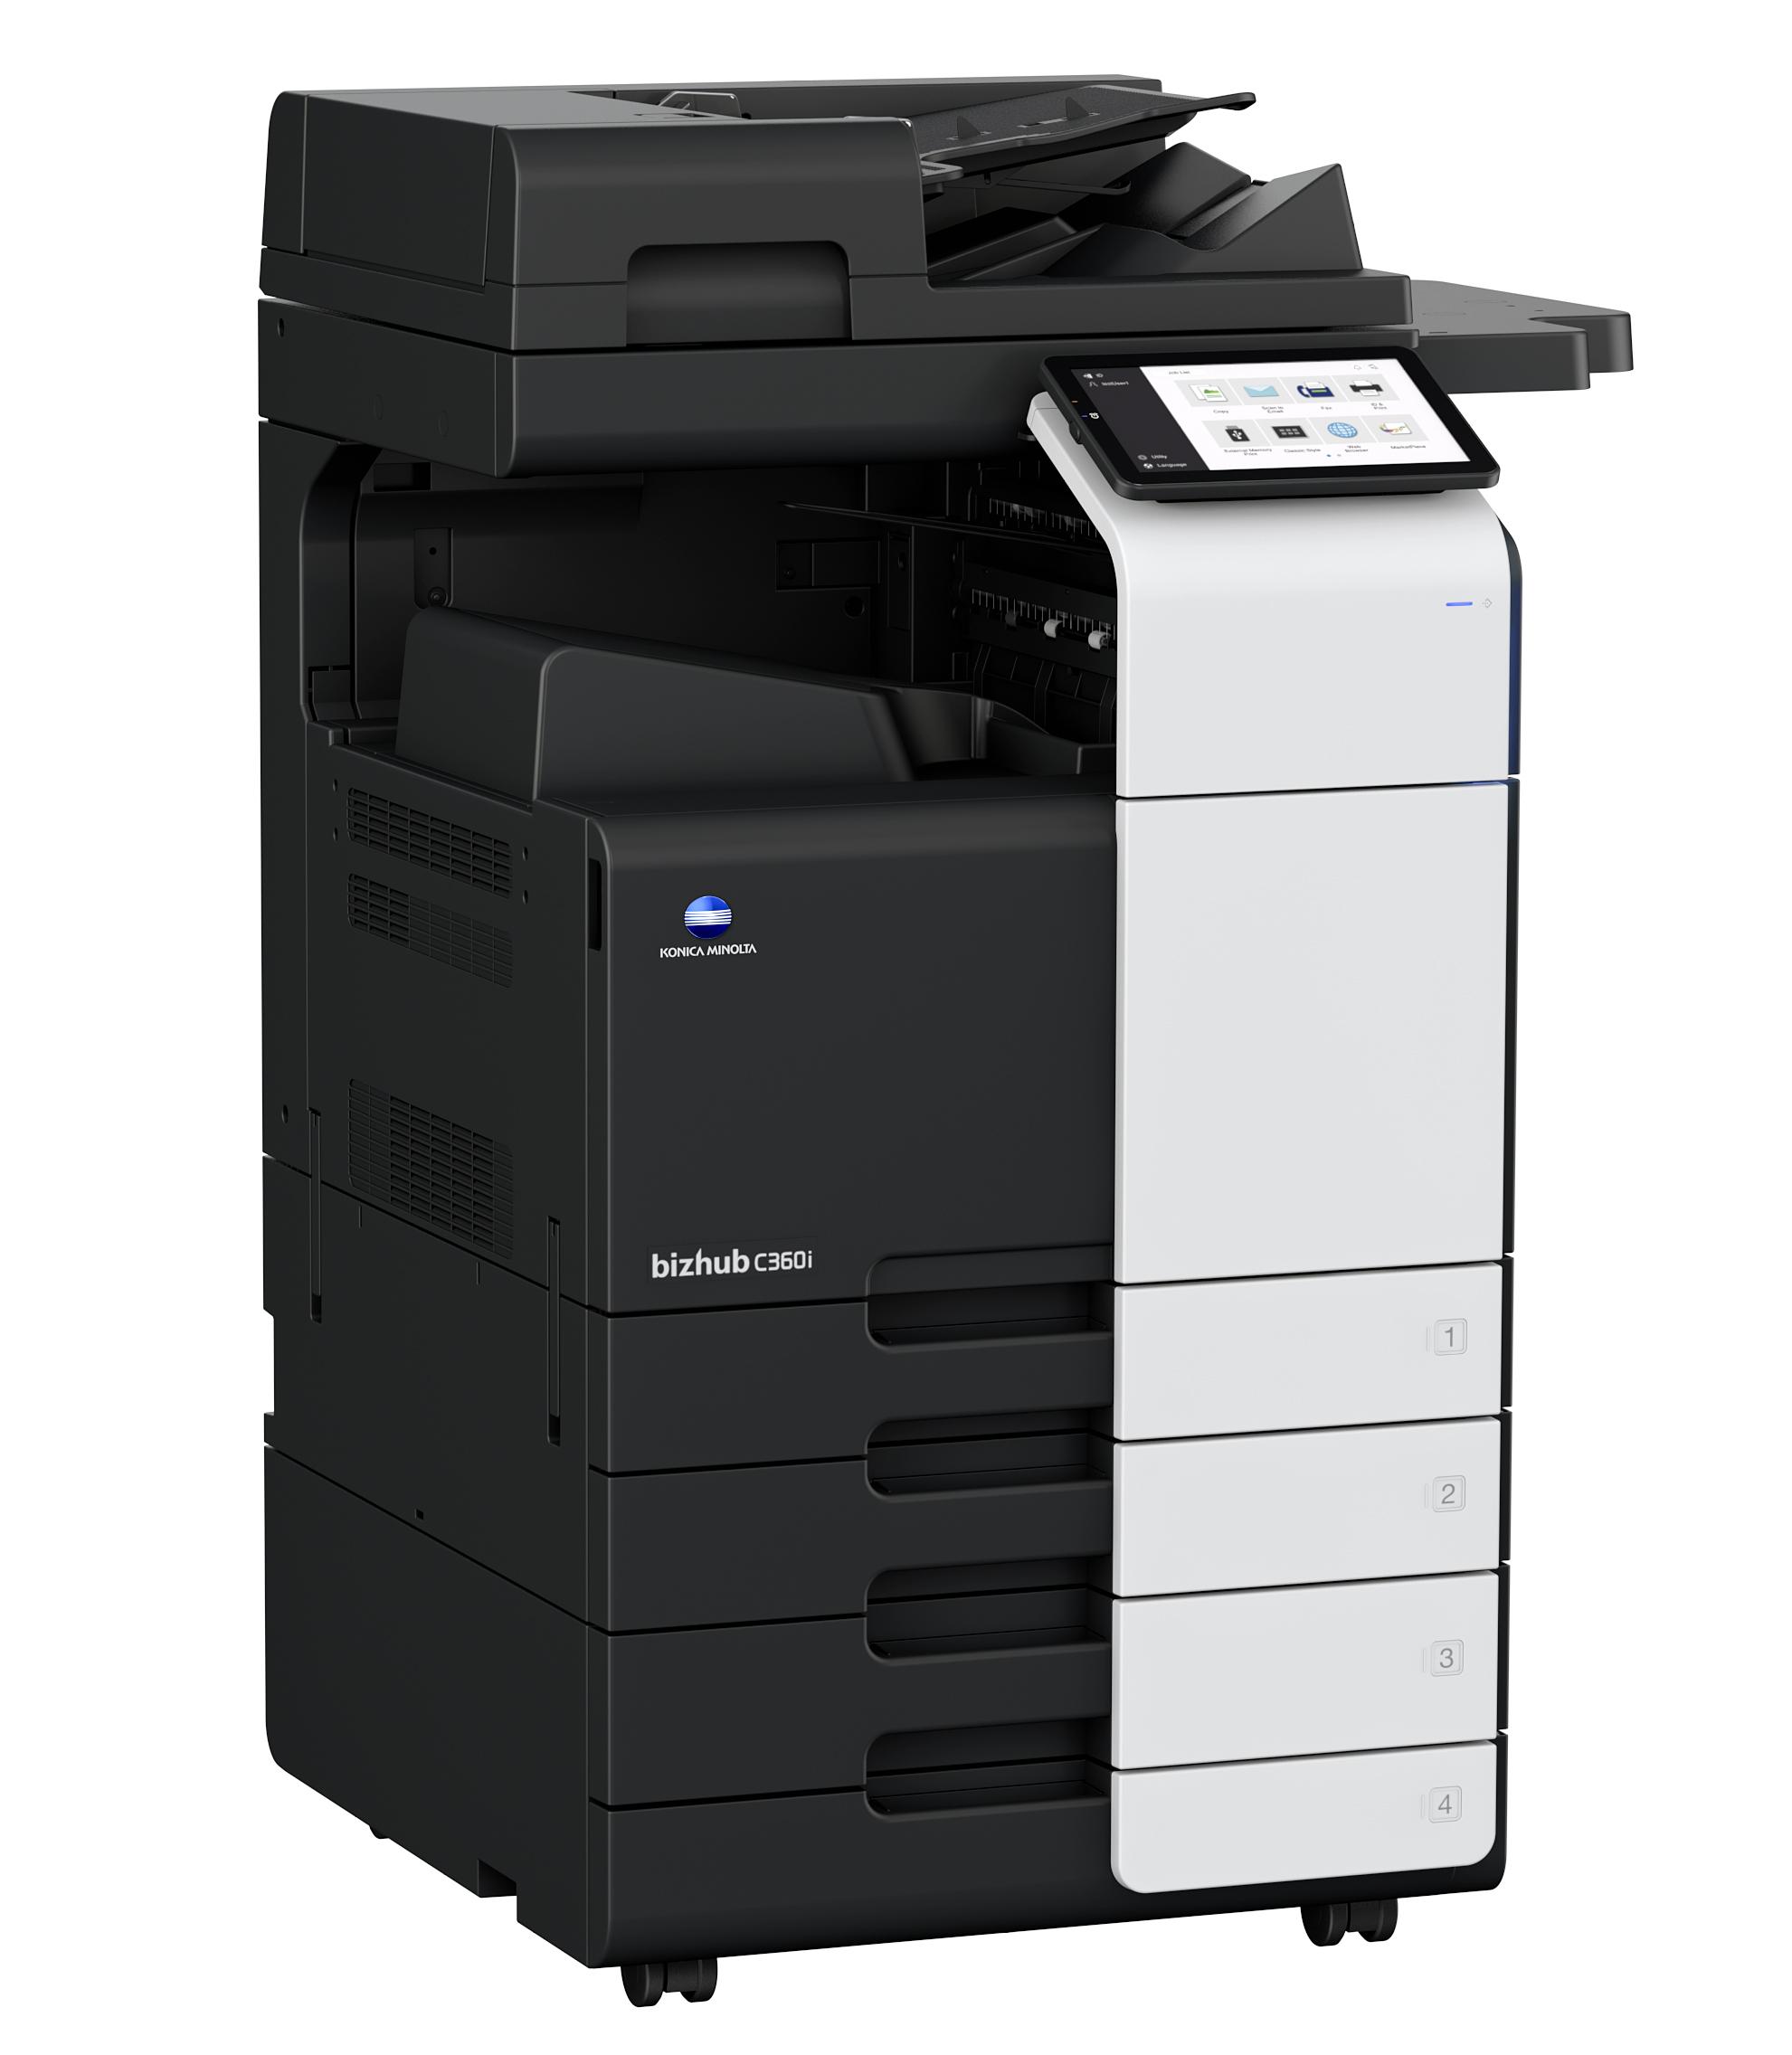 1-柯尼卡美能达全新一代i-系列A3彩色多功能复合机bizhub C360i.jpg